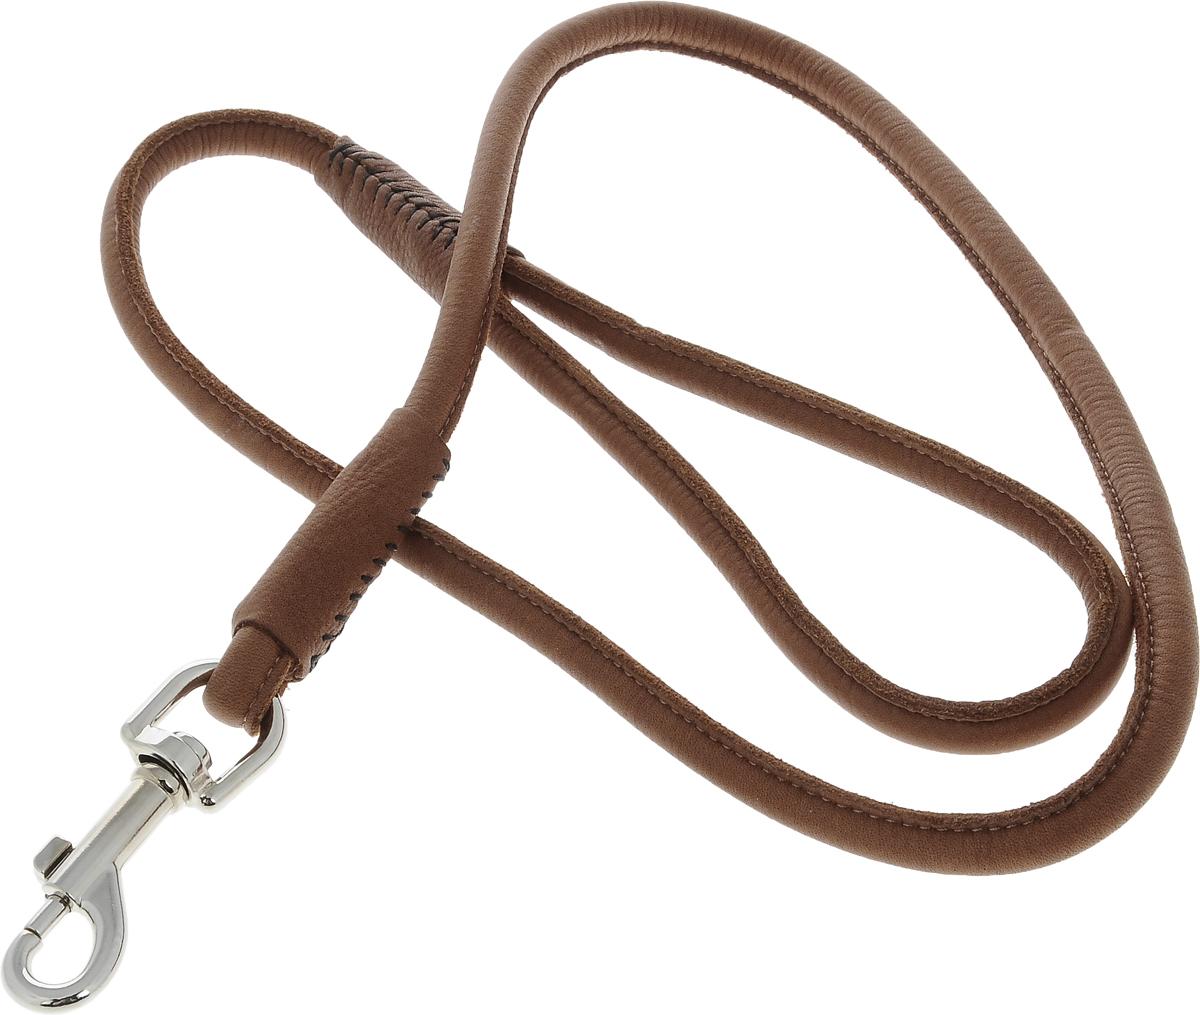 Поводок для собак CoLLaR SOFT, цвет: коричневый, диаметр 1 см, длина 1,22 м04846Поводок для собак CoLLaR SOFT изготовлен из натуральной кожи и снабжен металлическим карабином. Поводок отличается не только исключительной надежностью и удобством, но и ярким дизайном. Он идеально подойдет для активных собак, для прогулок на природе и охоты. Поводок - необходимый аксессуар для собаки. Ведь в опасных ситуациях именно он способен спасти жизнь вашему любимому питомцу. Длина поводка: 1,22 м. Диаметр поводка: 1 см.